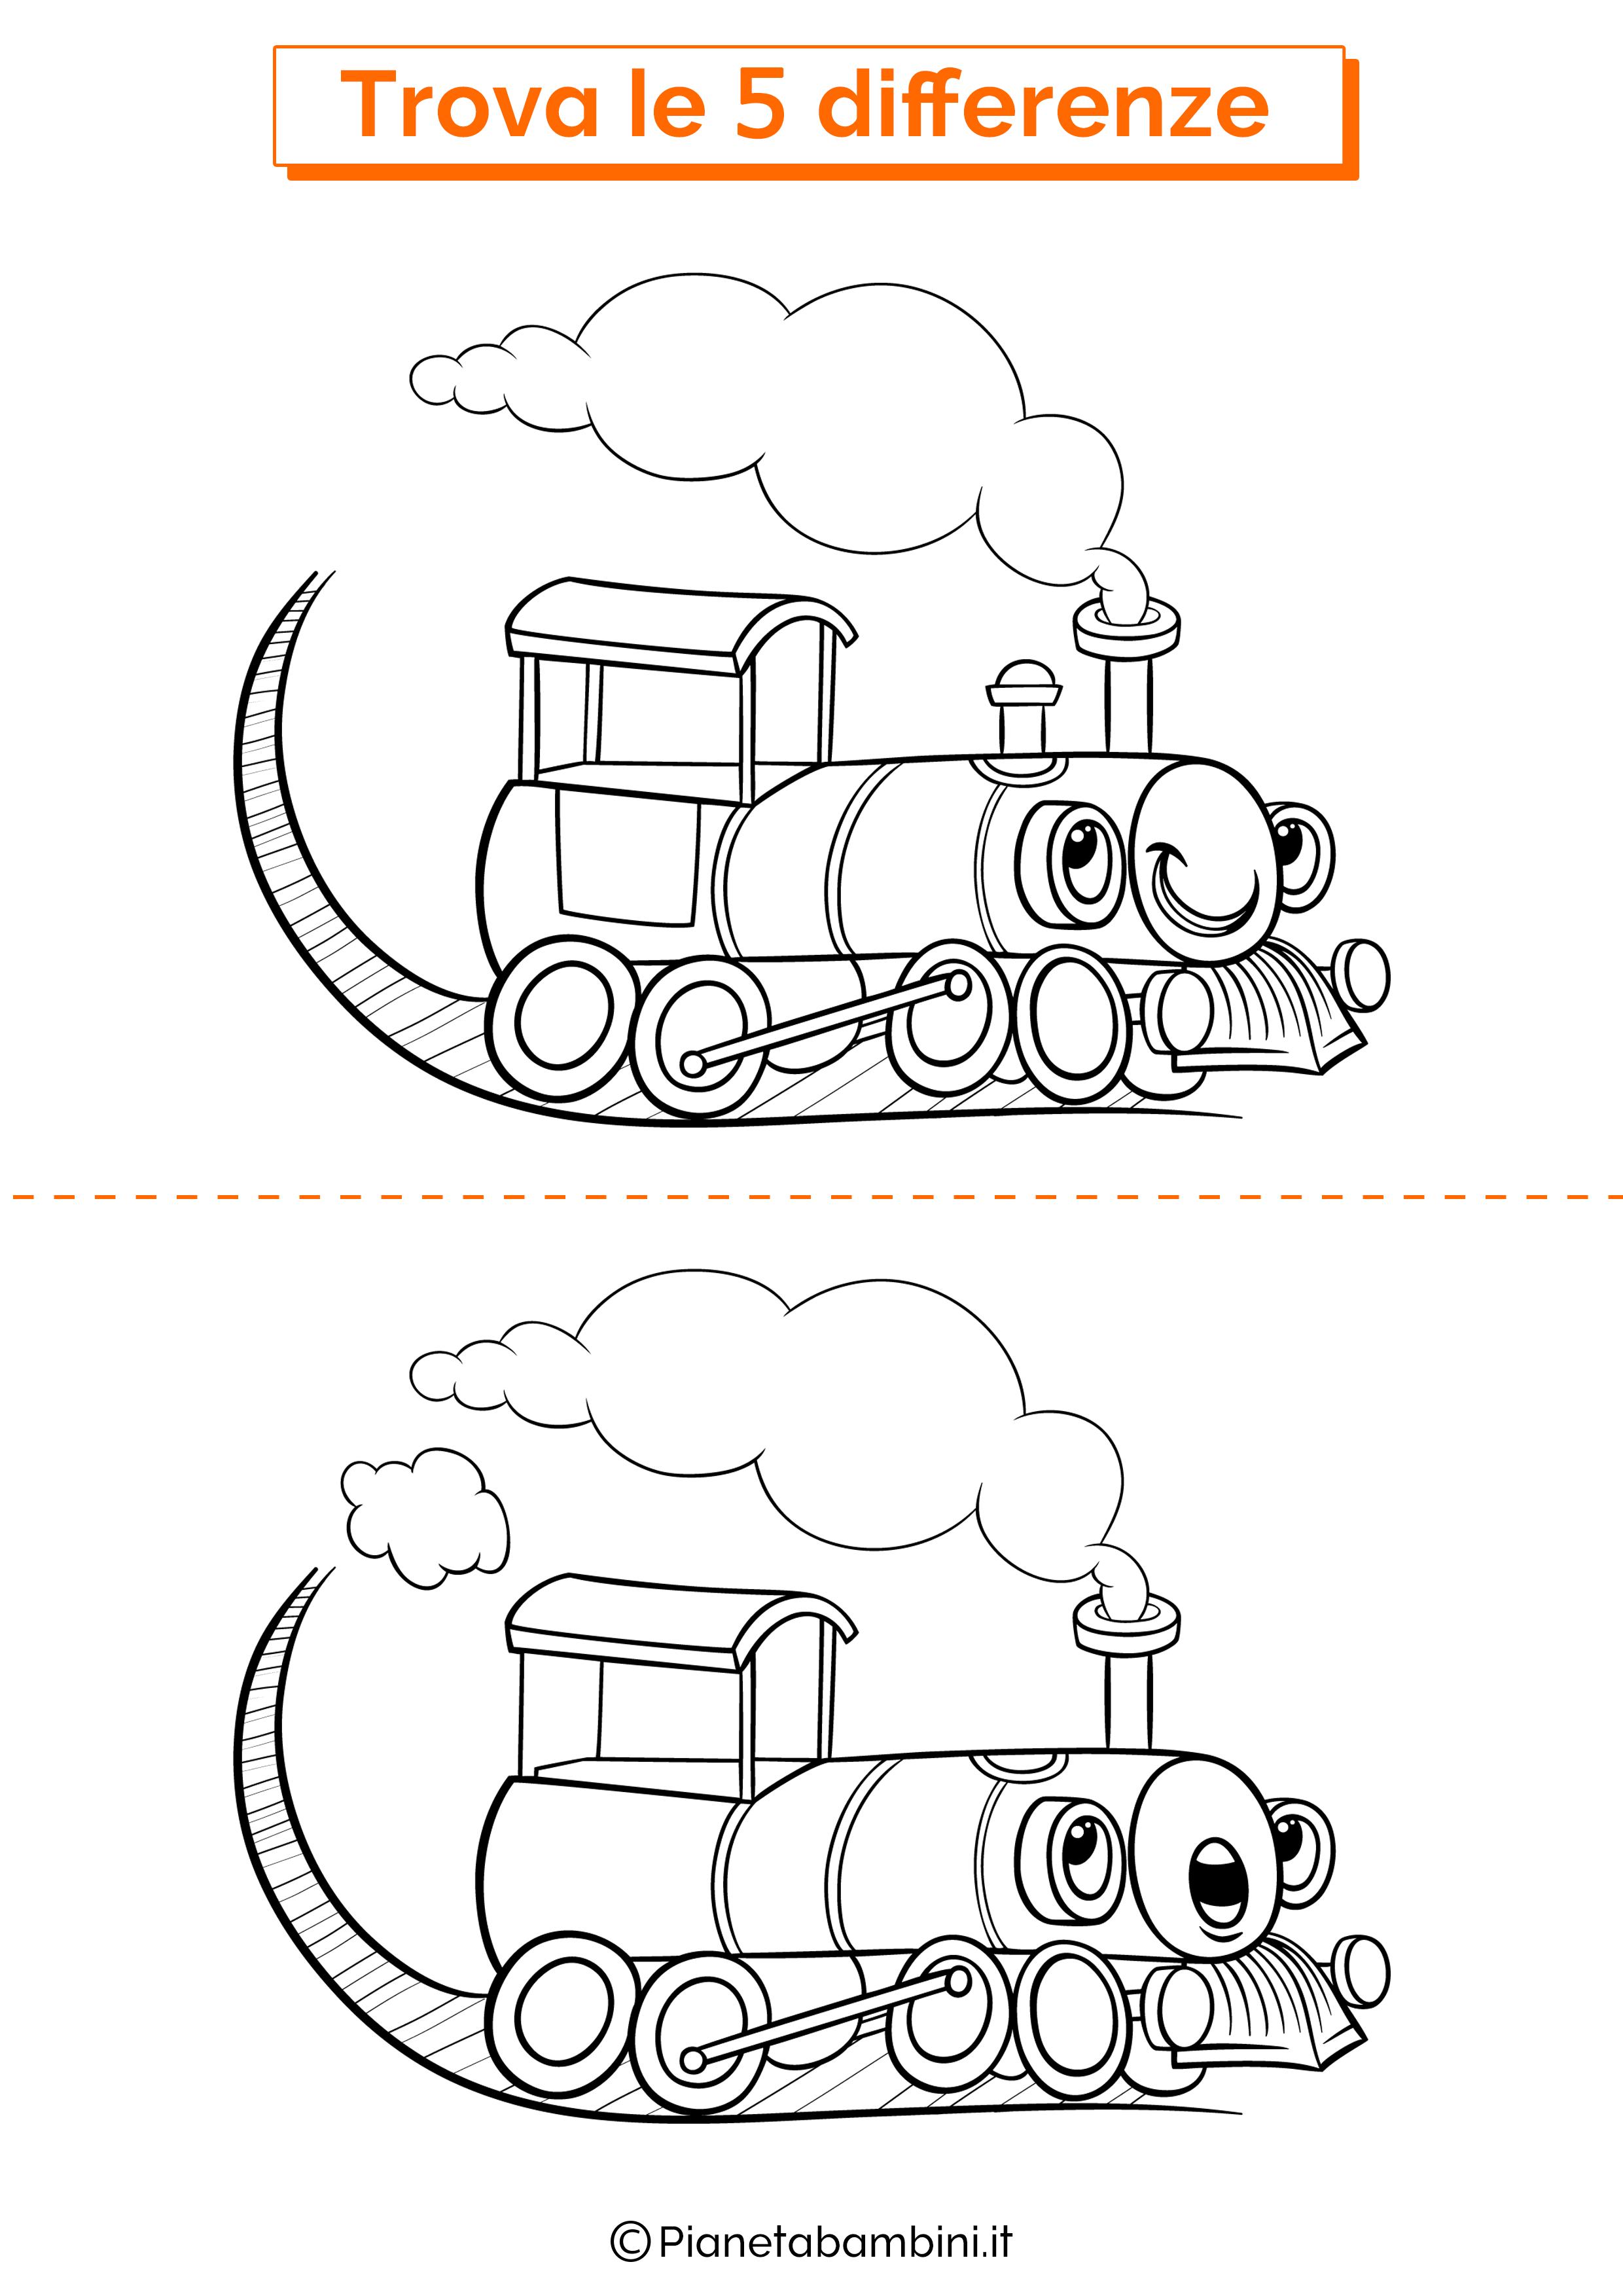 Disegno trova 5 differenze treno